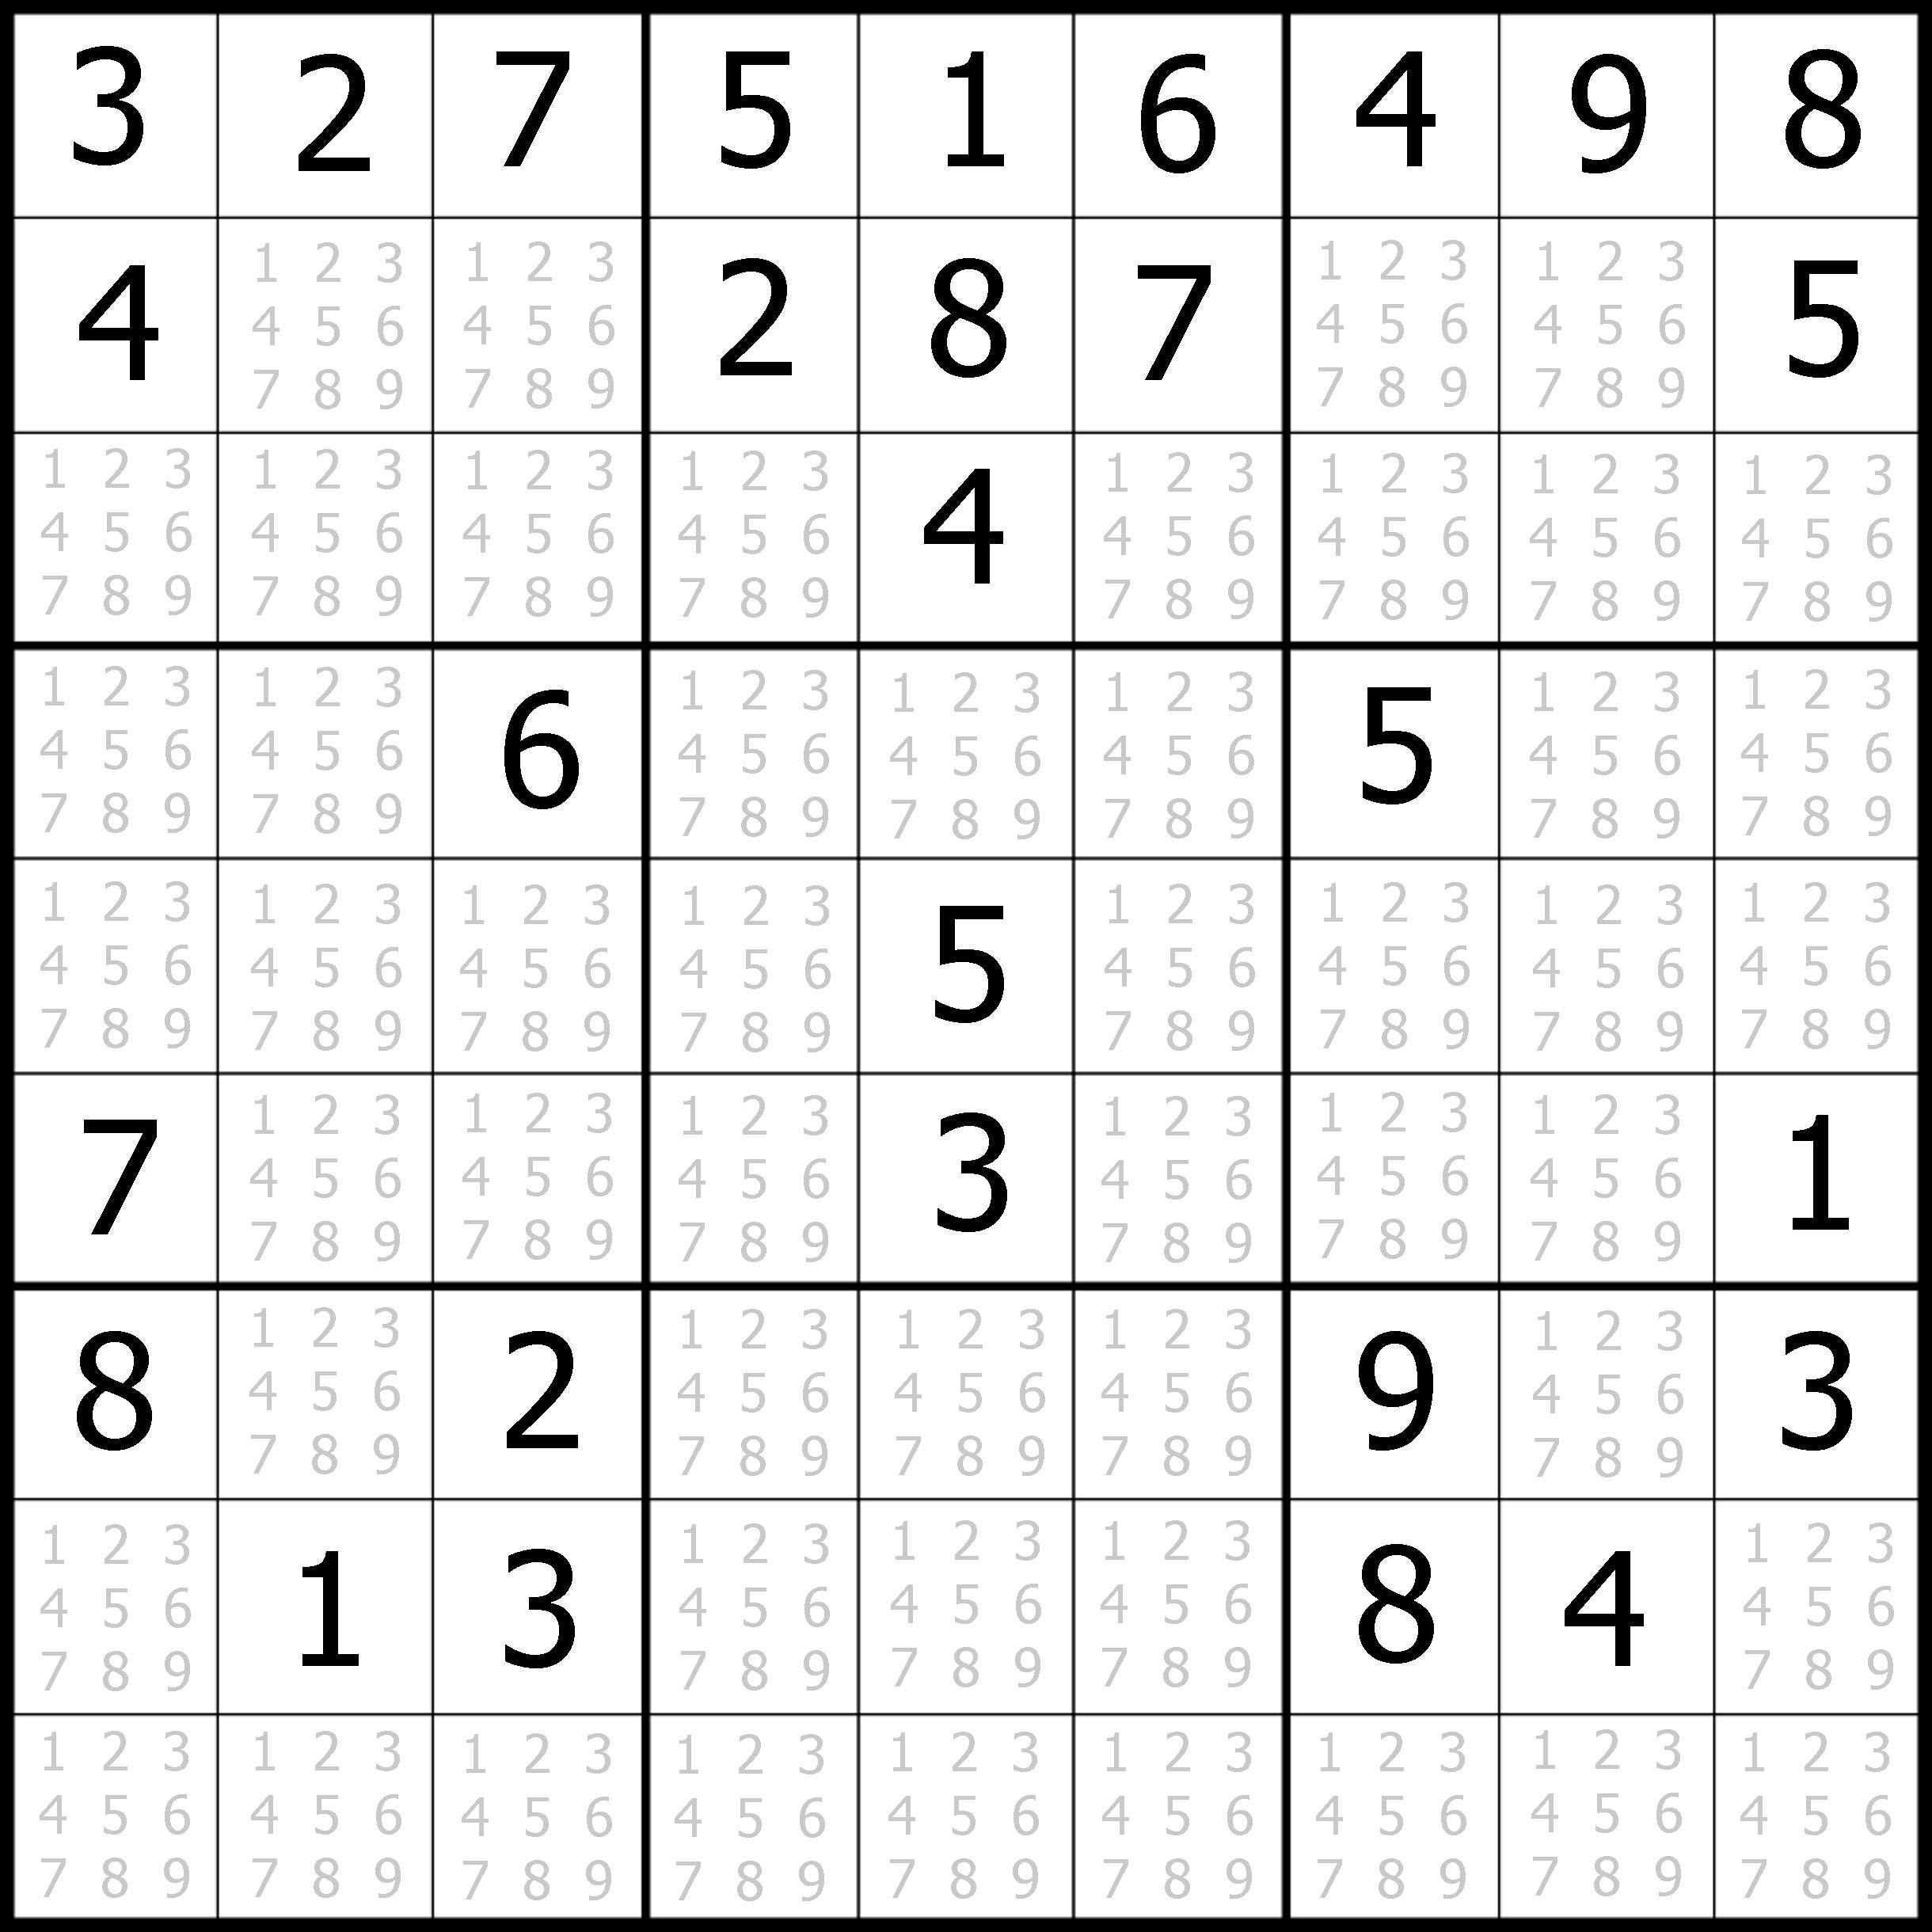 Sudoku Printable | Free, Medium, Printable Sudoku Puzzle #1 | My - Printable Sudoku Puzzles Krazydad